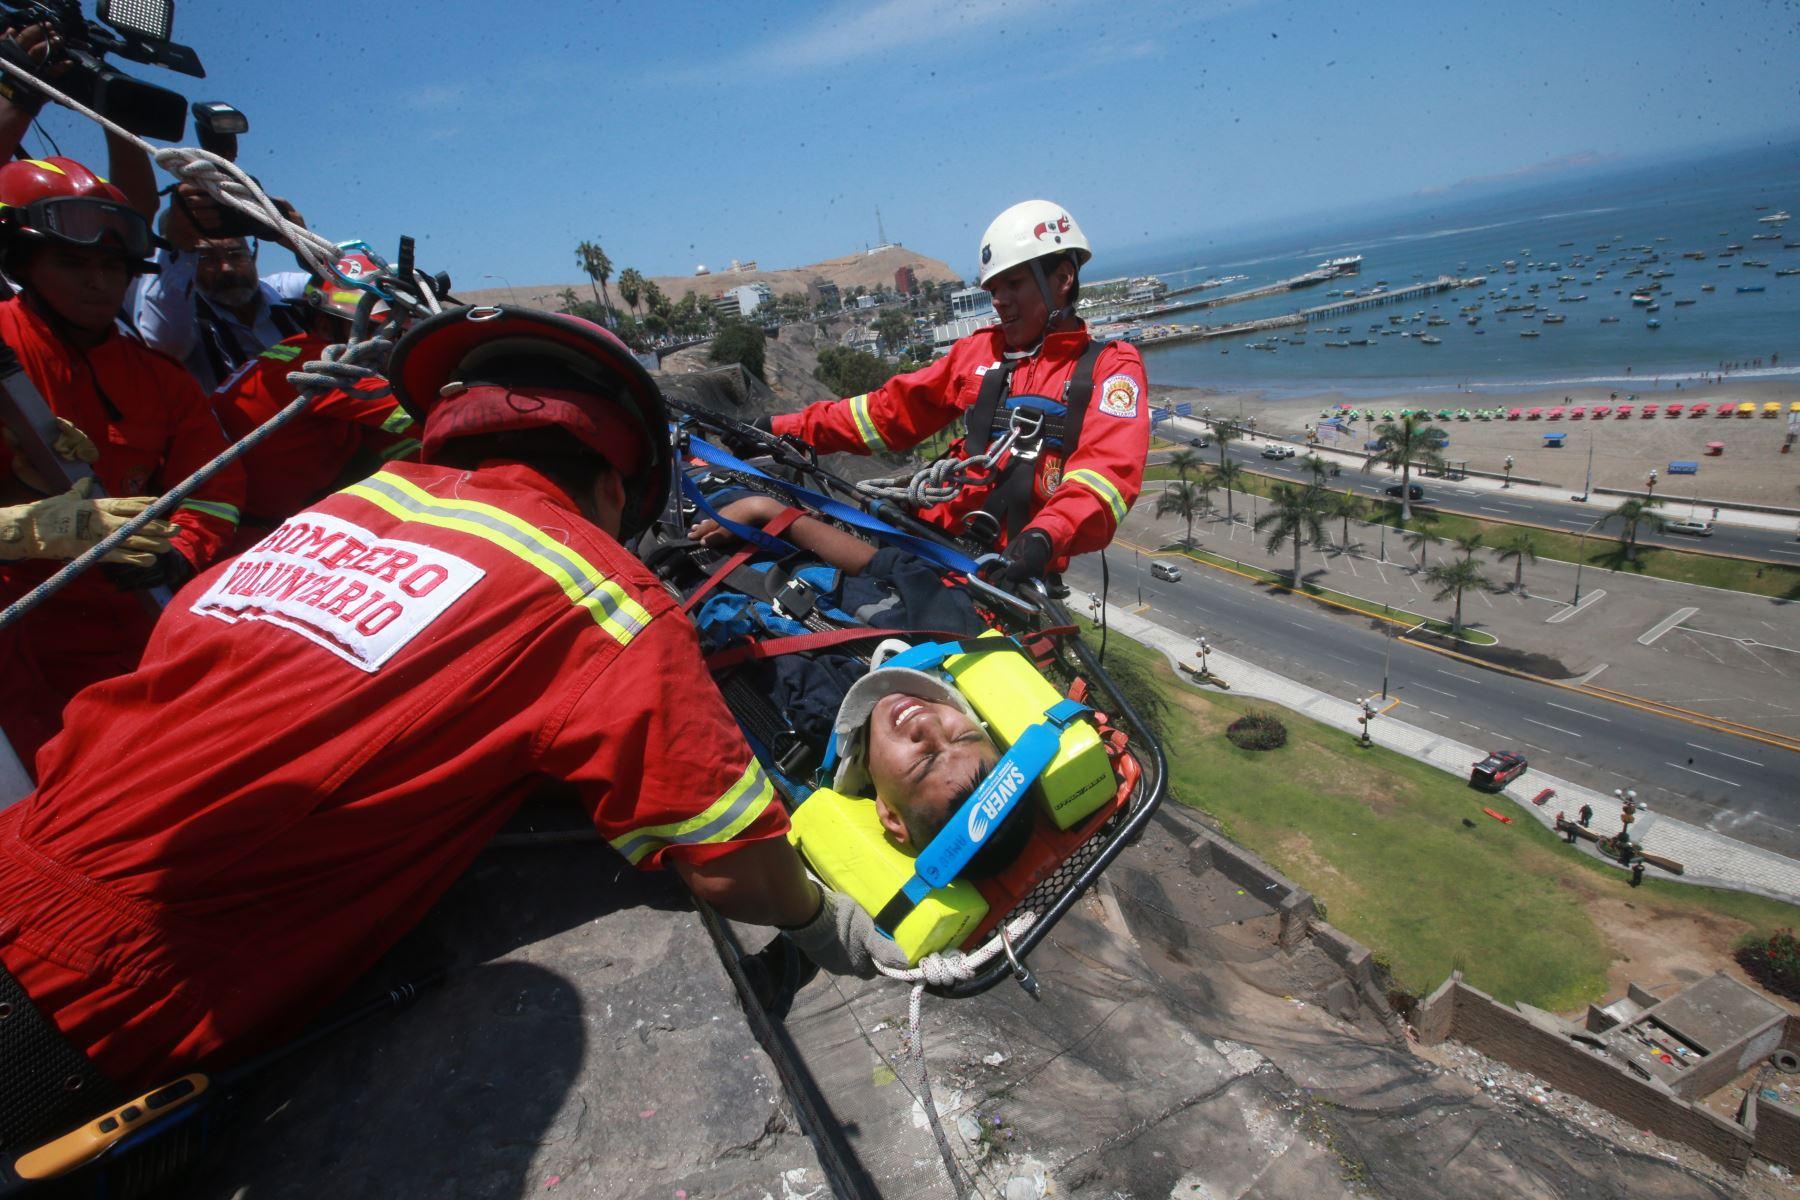 LIMA- PERÚ, FEBRERO 16. Bomberos rescatan en acantilado  a joven herido durante el simulacro por tsunami en la Costa Verde. Foto: ANDINA/ Jhony Laurente